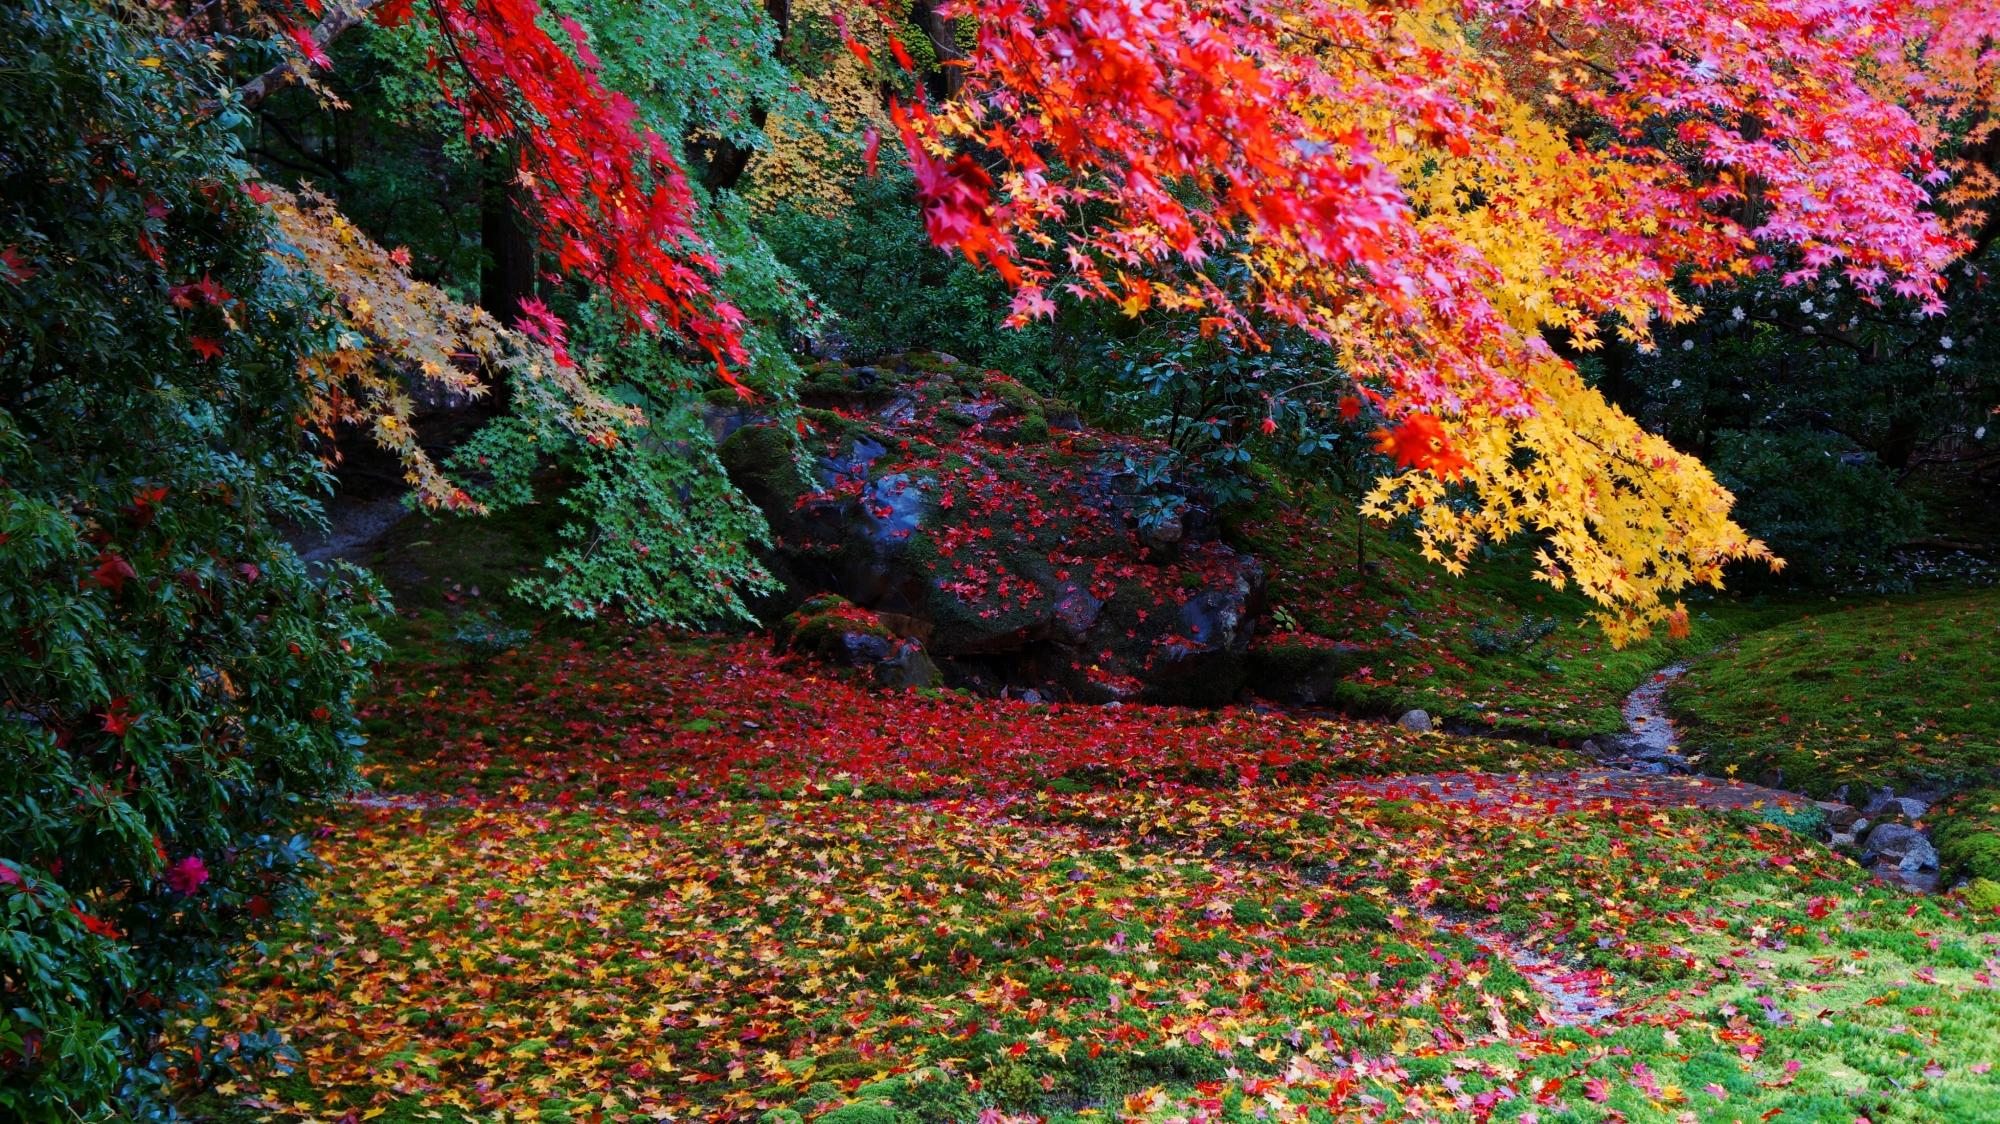 散り紅葉と雨で輝く瑠璃の庭と大きな岩